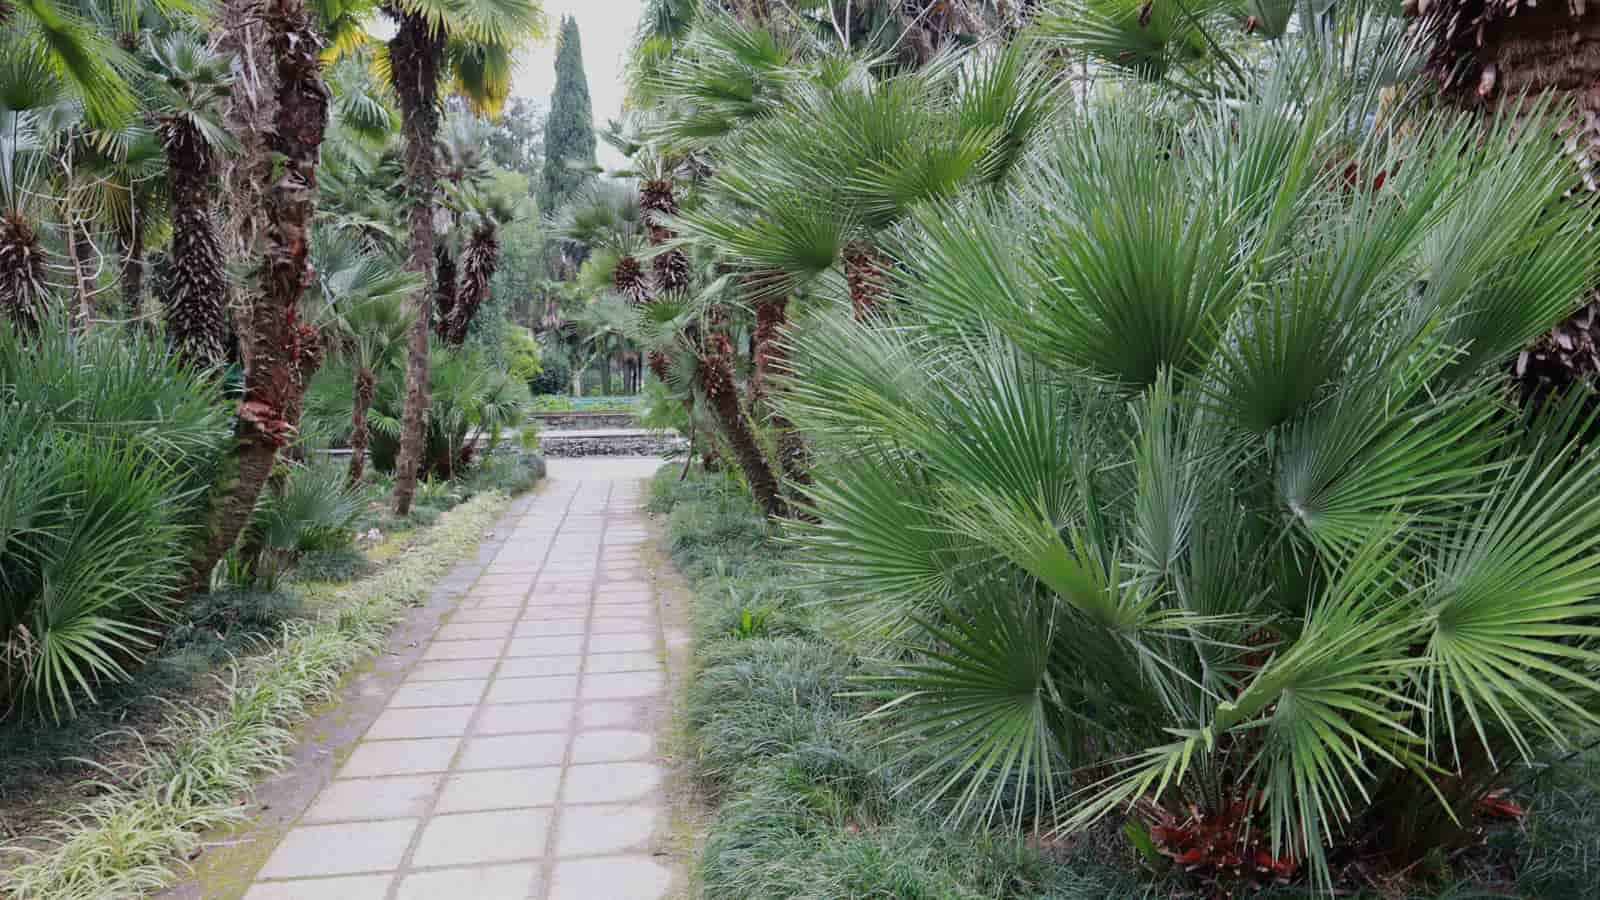 abhaziya-botanicheskiy-sad (7)